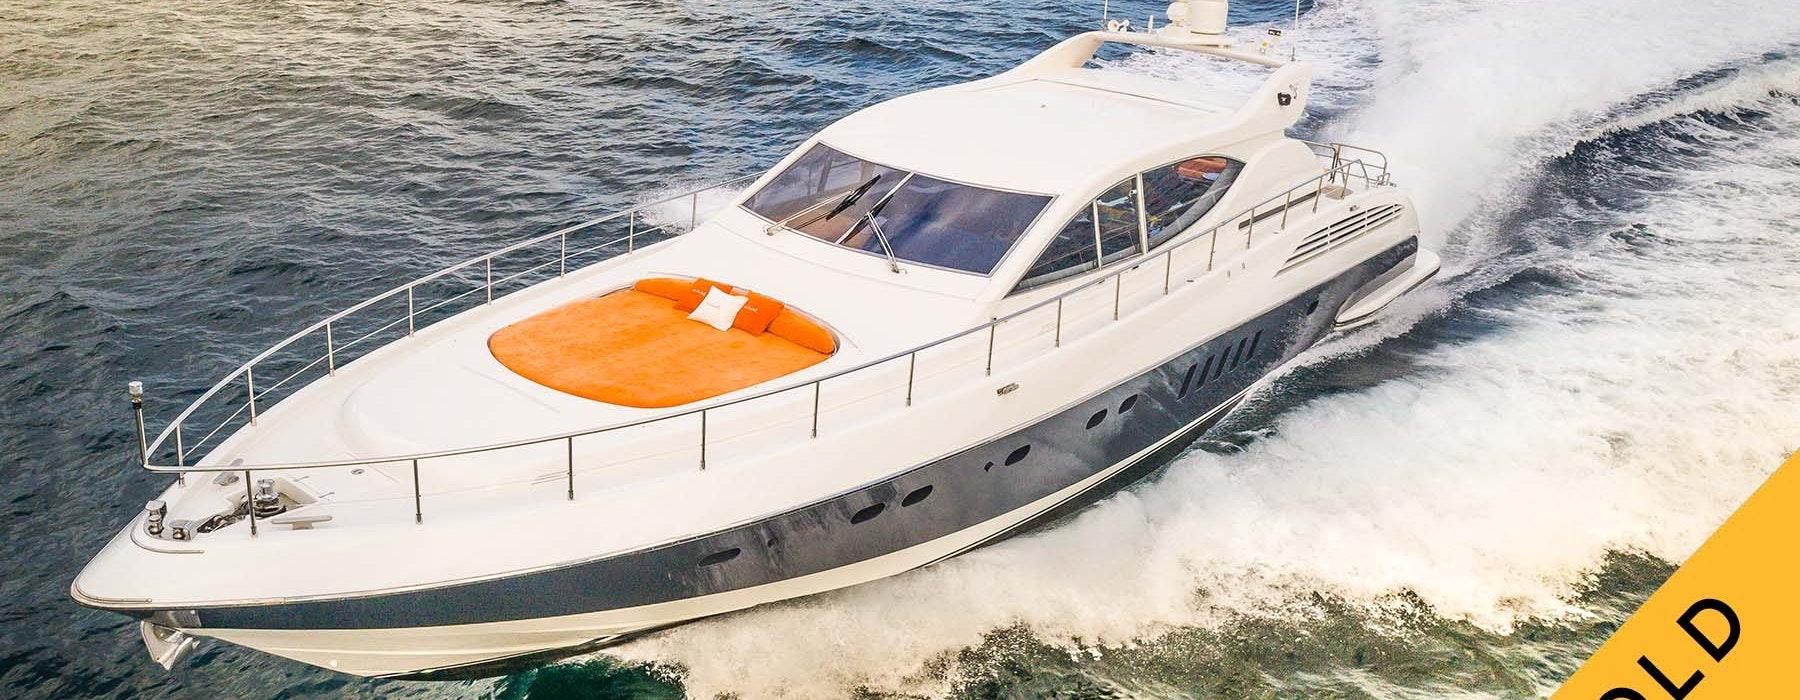 Motor yacht DOLCE-VITA-II SOLD by Moran Yacht & Ship